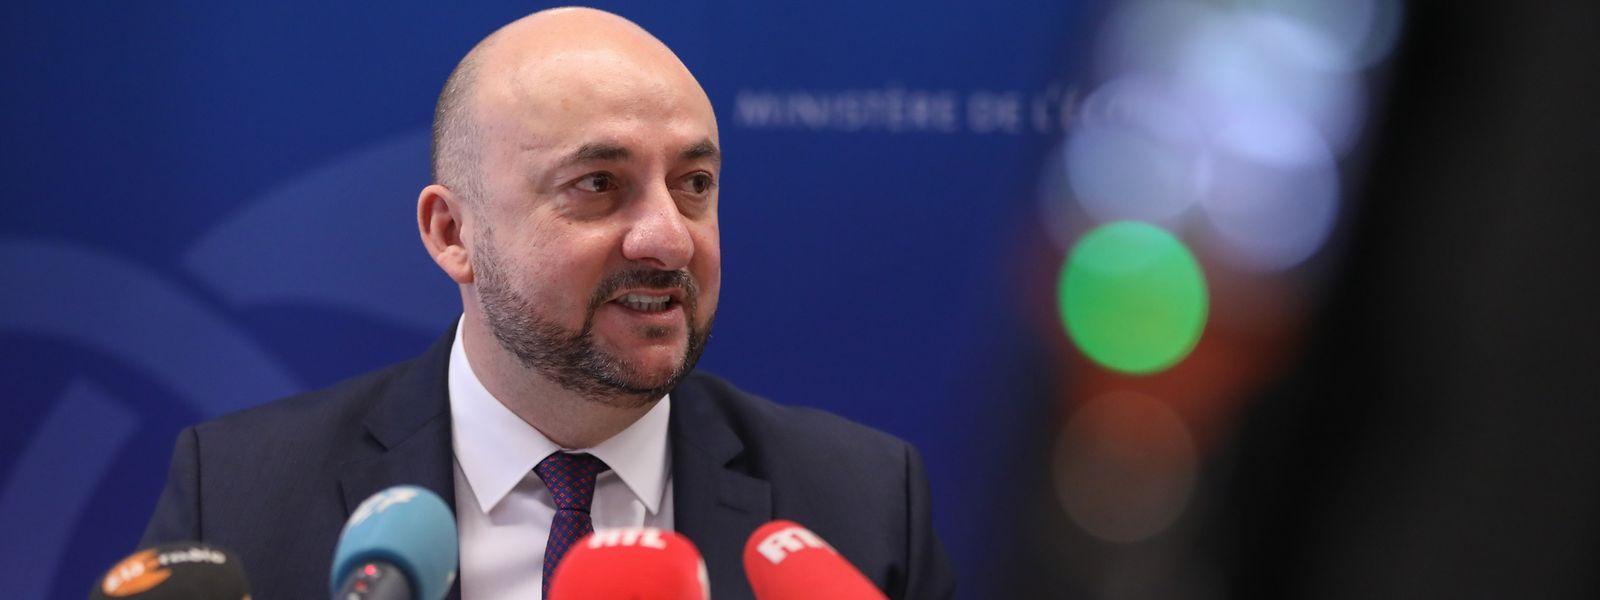 Noch-Wirtschaftsminister Etienne Schneider gab grünes Licht für den Weltraumfonds.